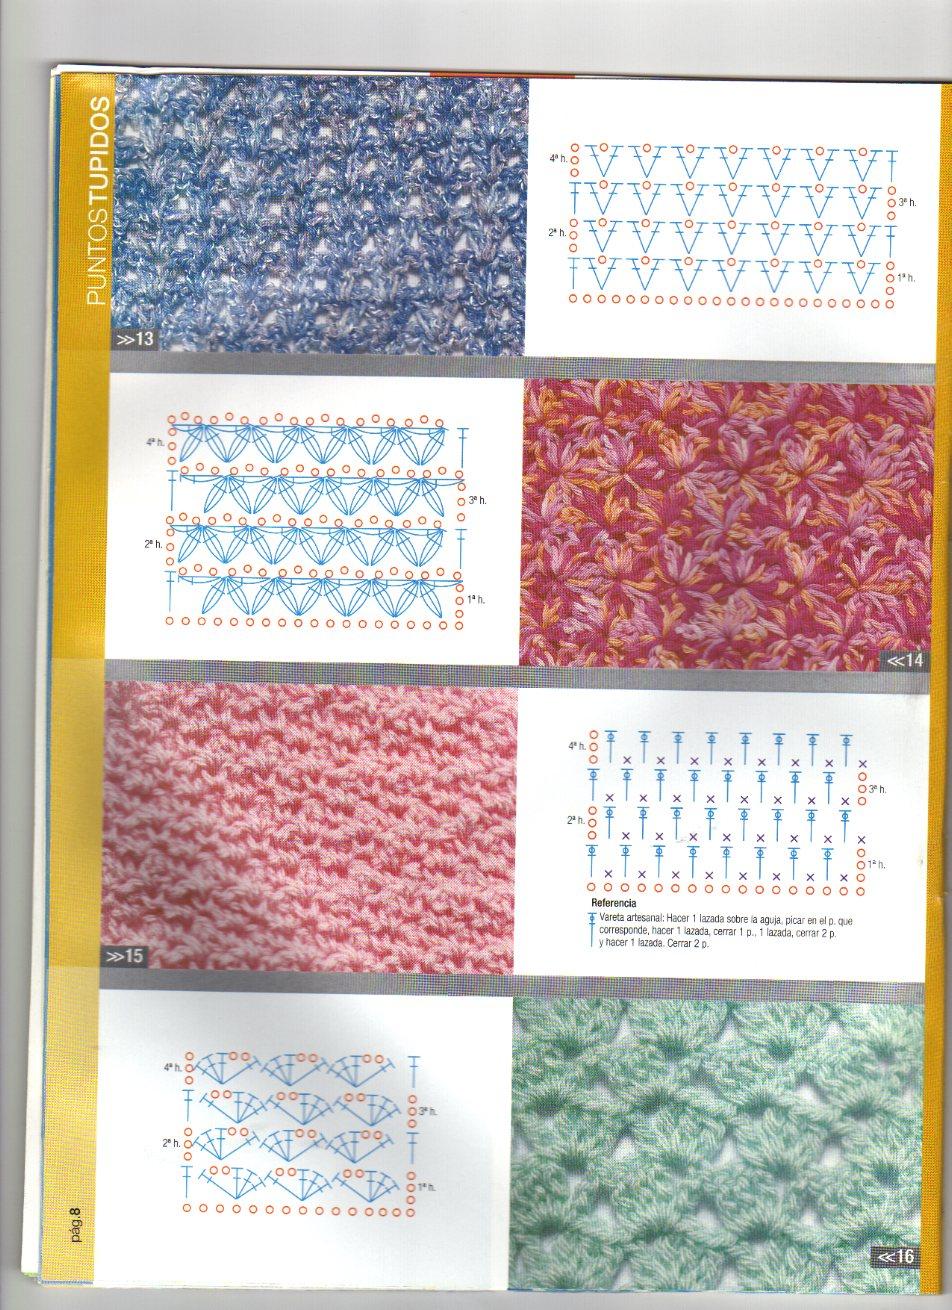 Patrones asgaya puntos tupidos a crochet - Puntos para calcetar ...